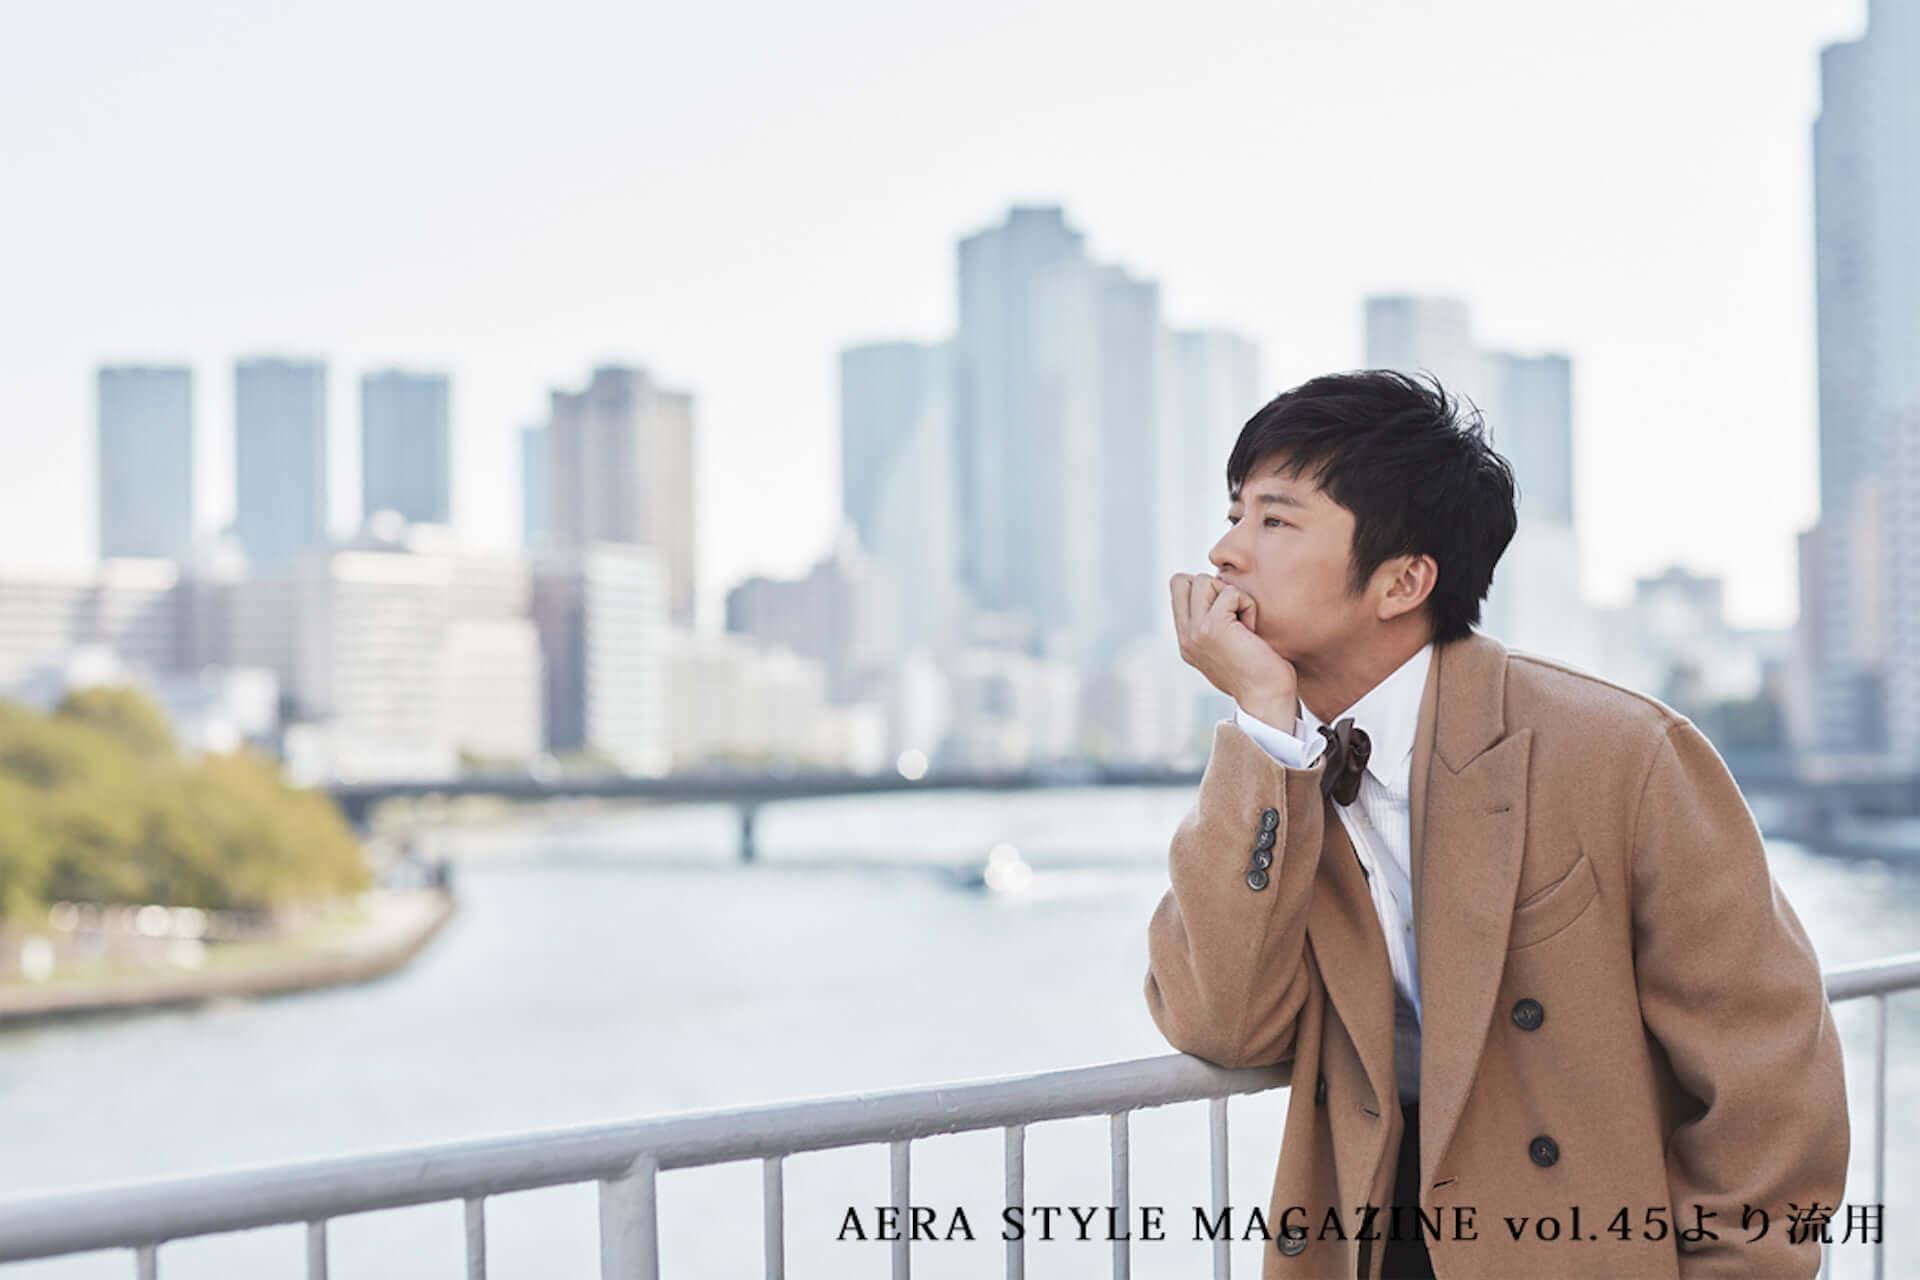 田中圭、AERA6号連続表紙がついにラスト!『おっさんずラブ』から夫婦のことまで語る ArtCulture191108_aera_2-1920x1280